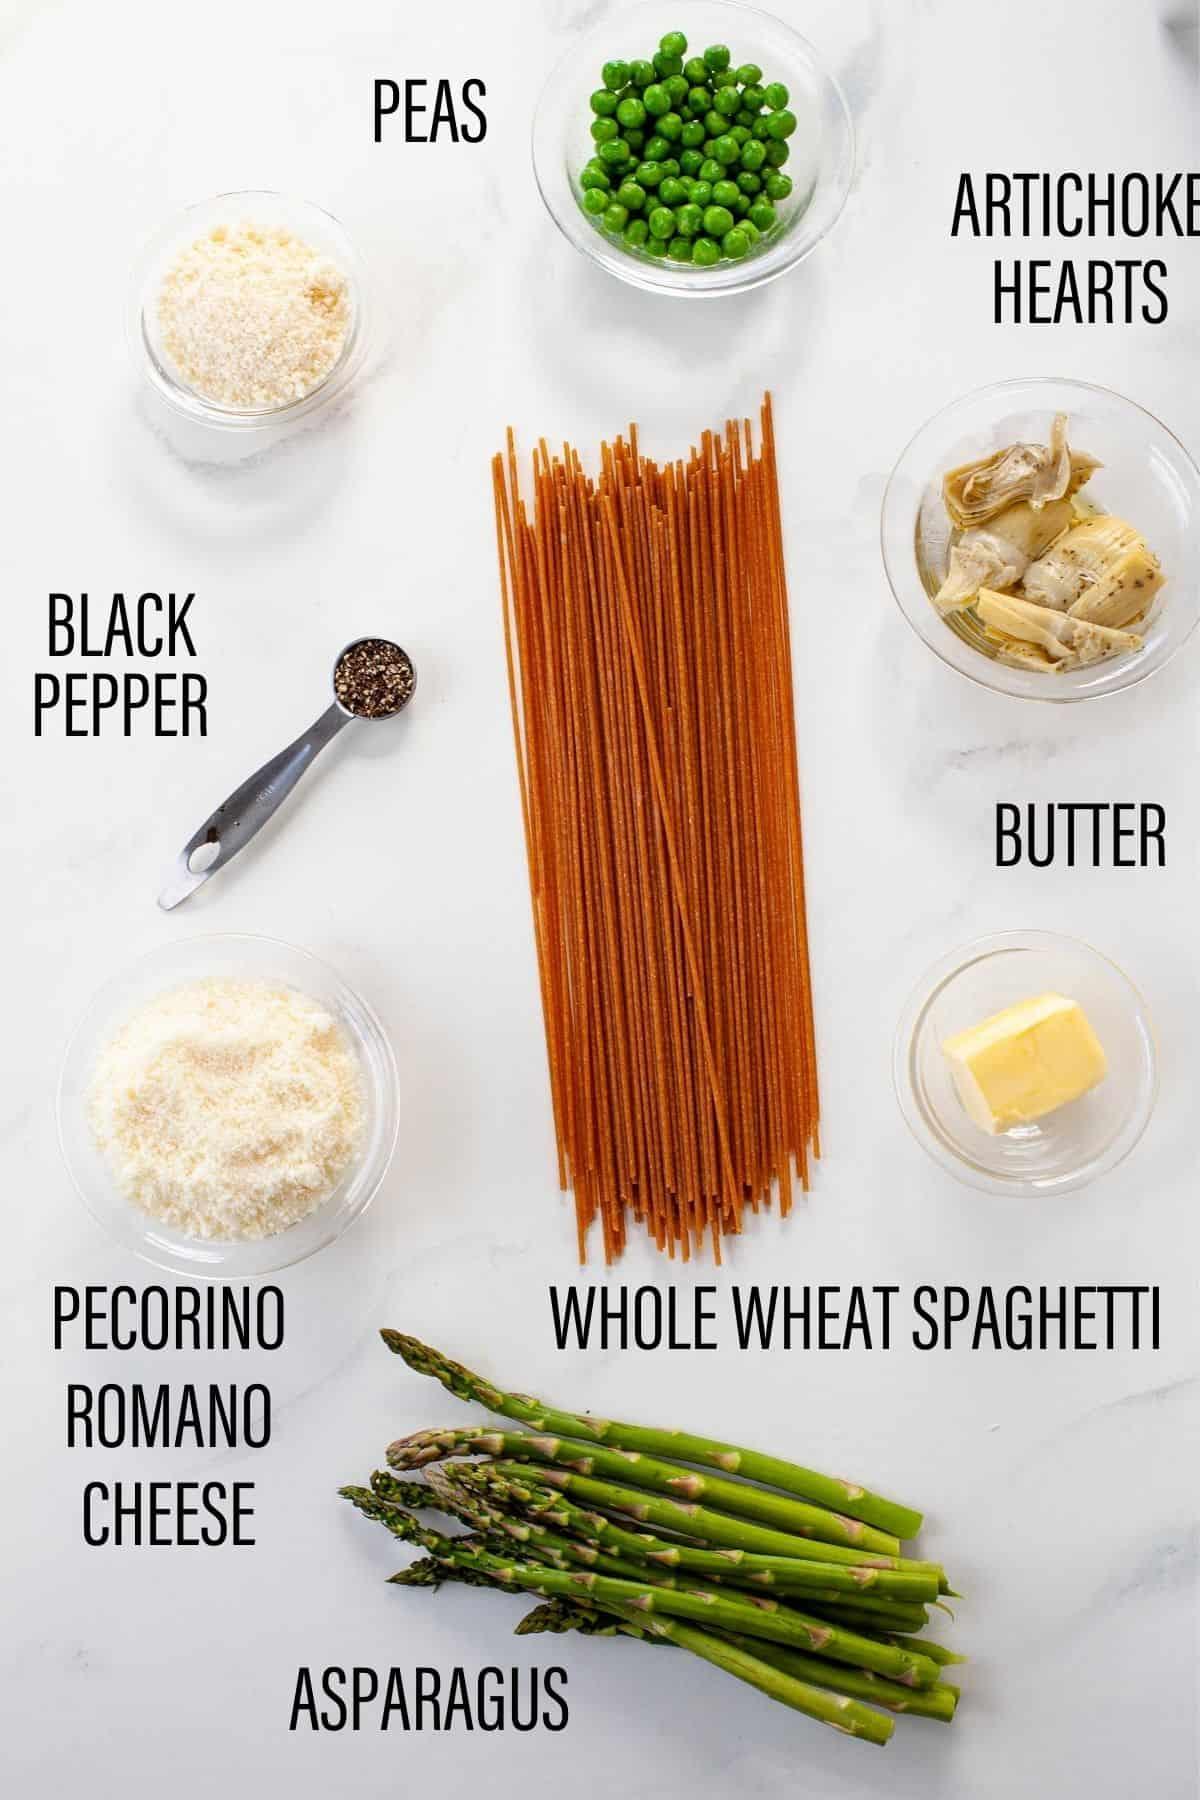 spring vegetable pasta ingredients on white surface whole wheat spaghetti, peas, artichoke, asparagus, pecorino romano cheese